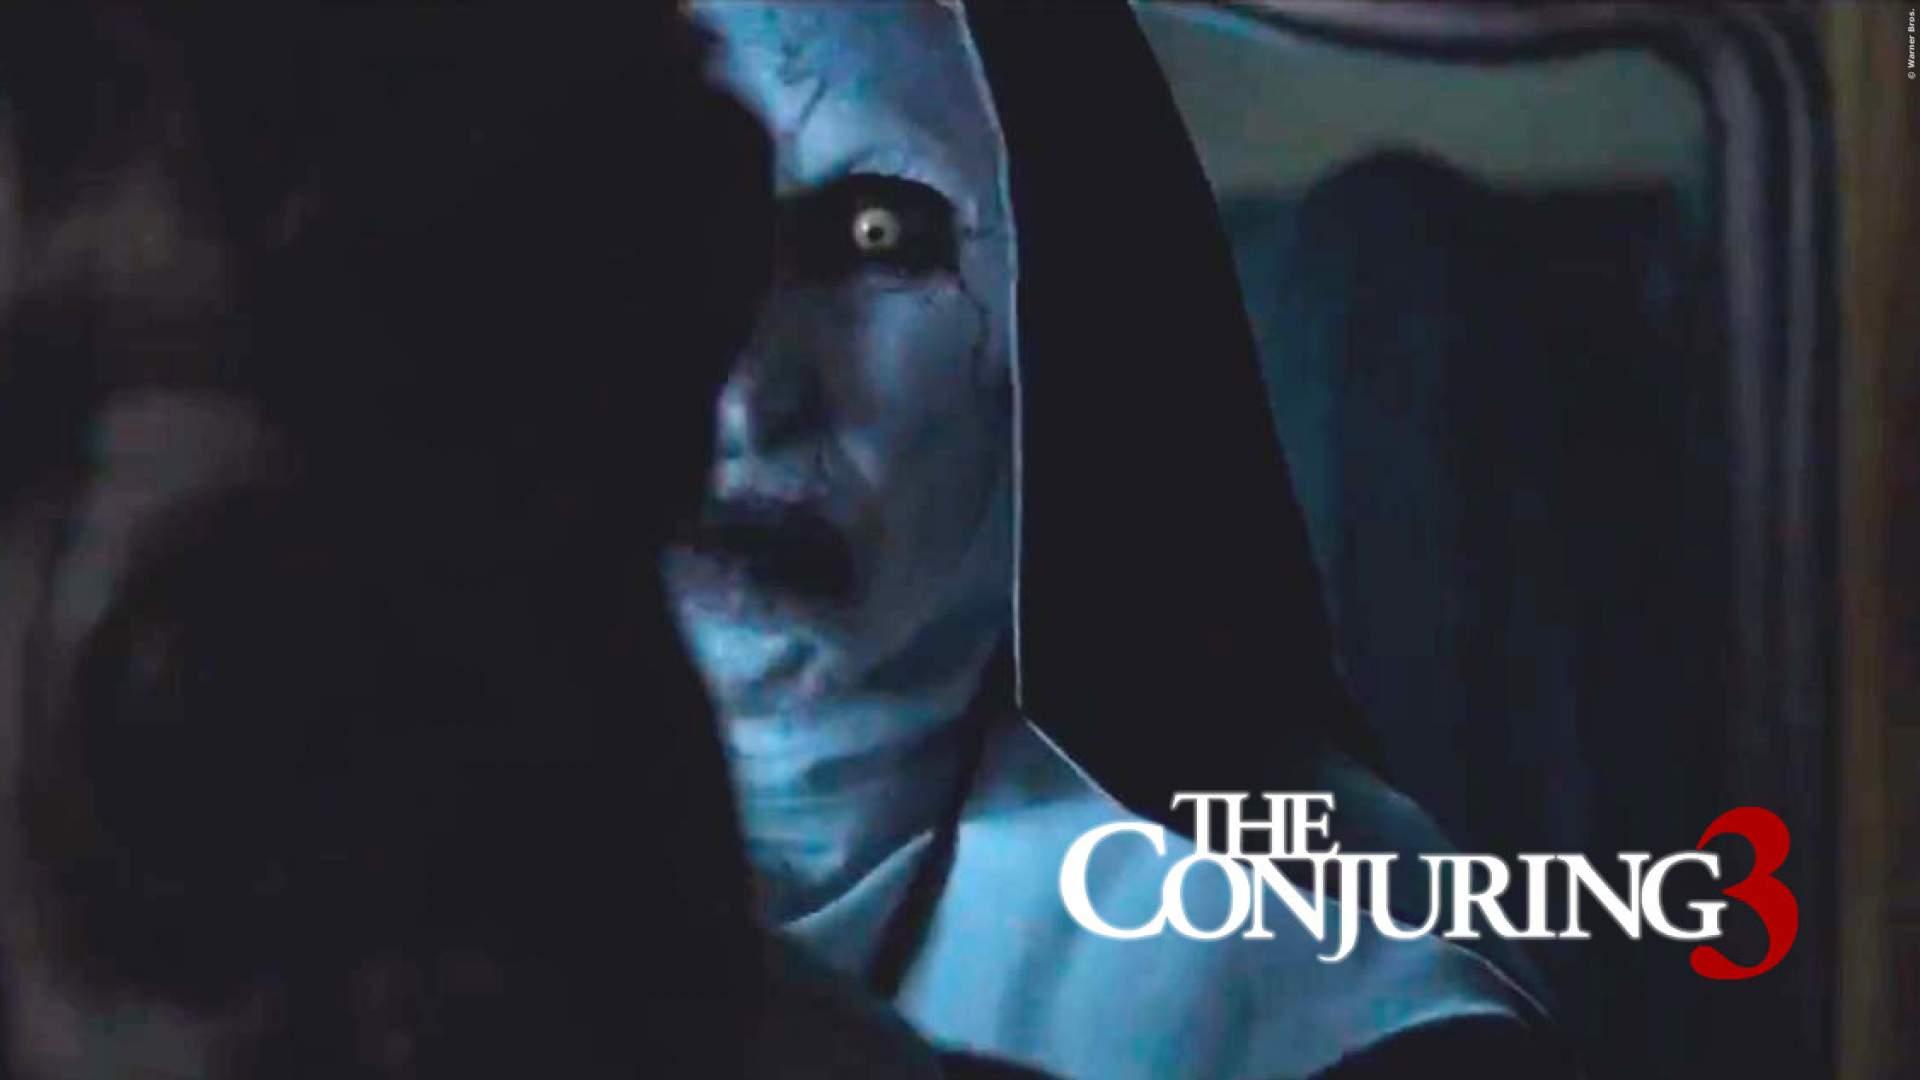 KINO-START: Dann kommt endlich 'Conjuring 3' ins Kino